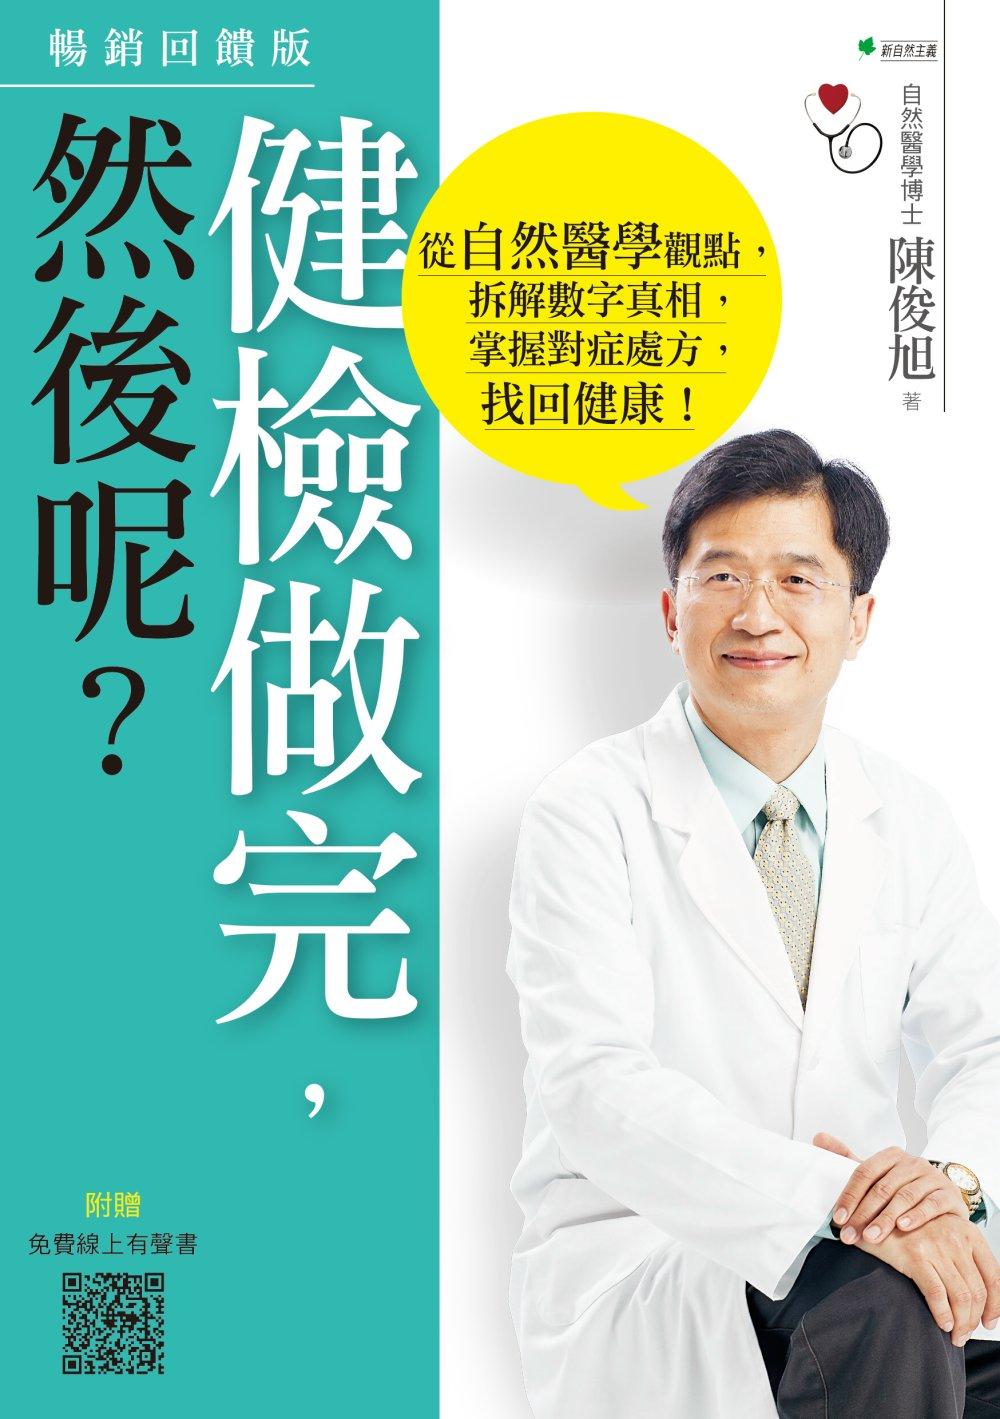 健檢做完,然後呢?:從自然醫學觀點,拆解數字真相,掌握對症處方,找回健康!(3版)